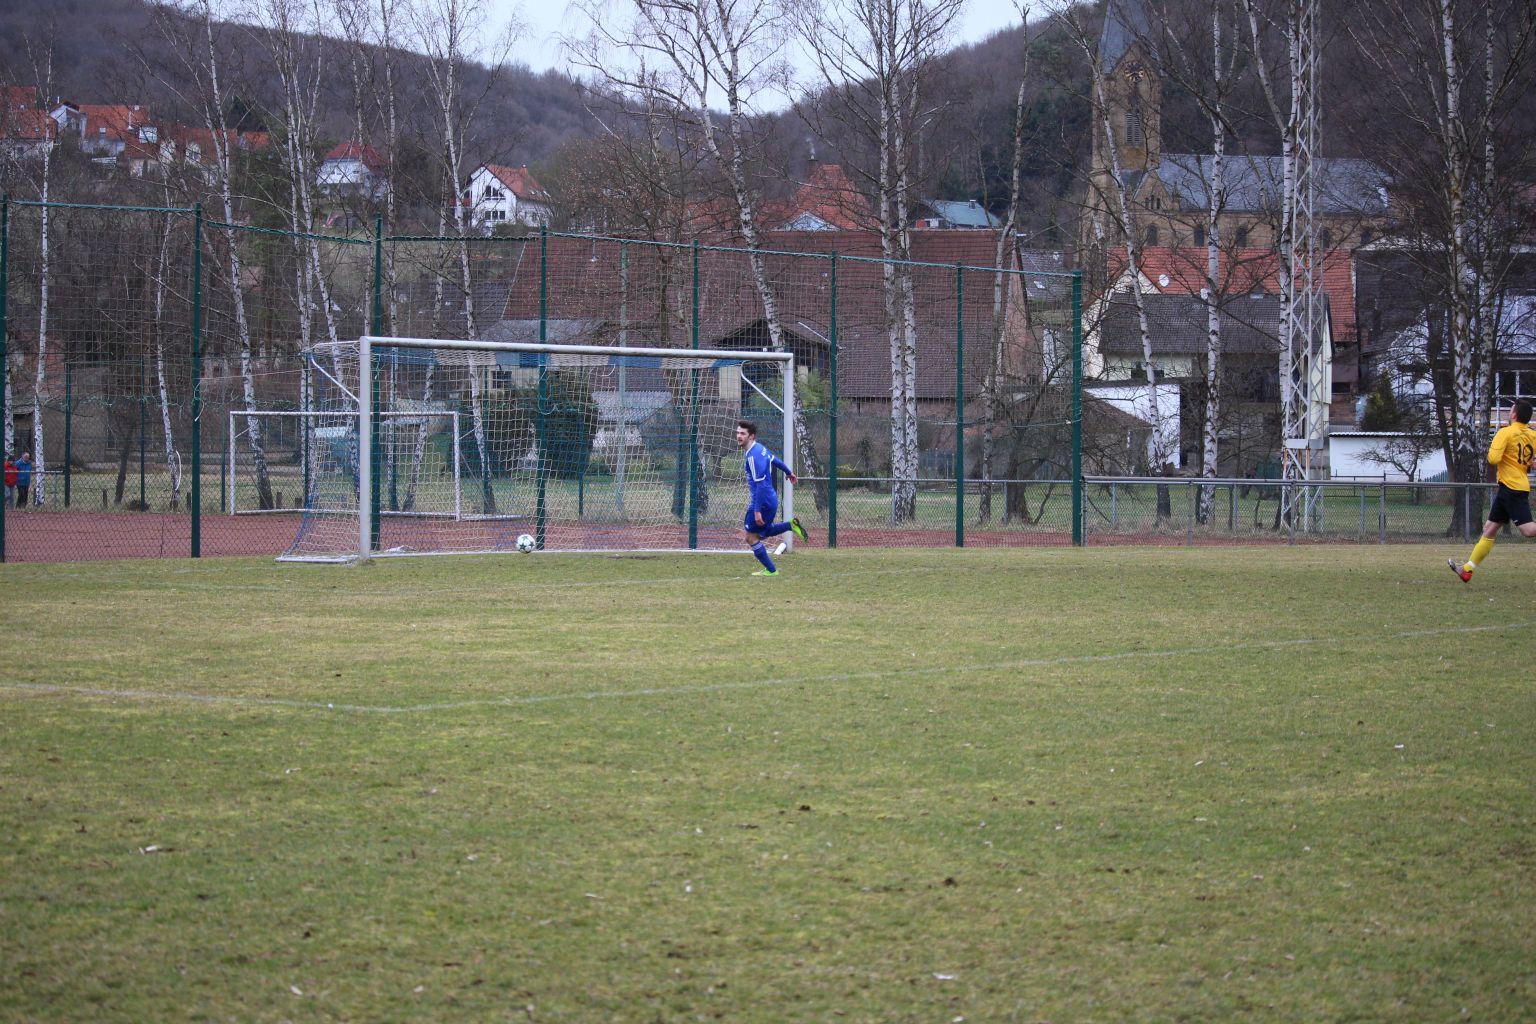 170305_Waldleiningen_IMG_8749